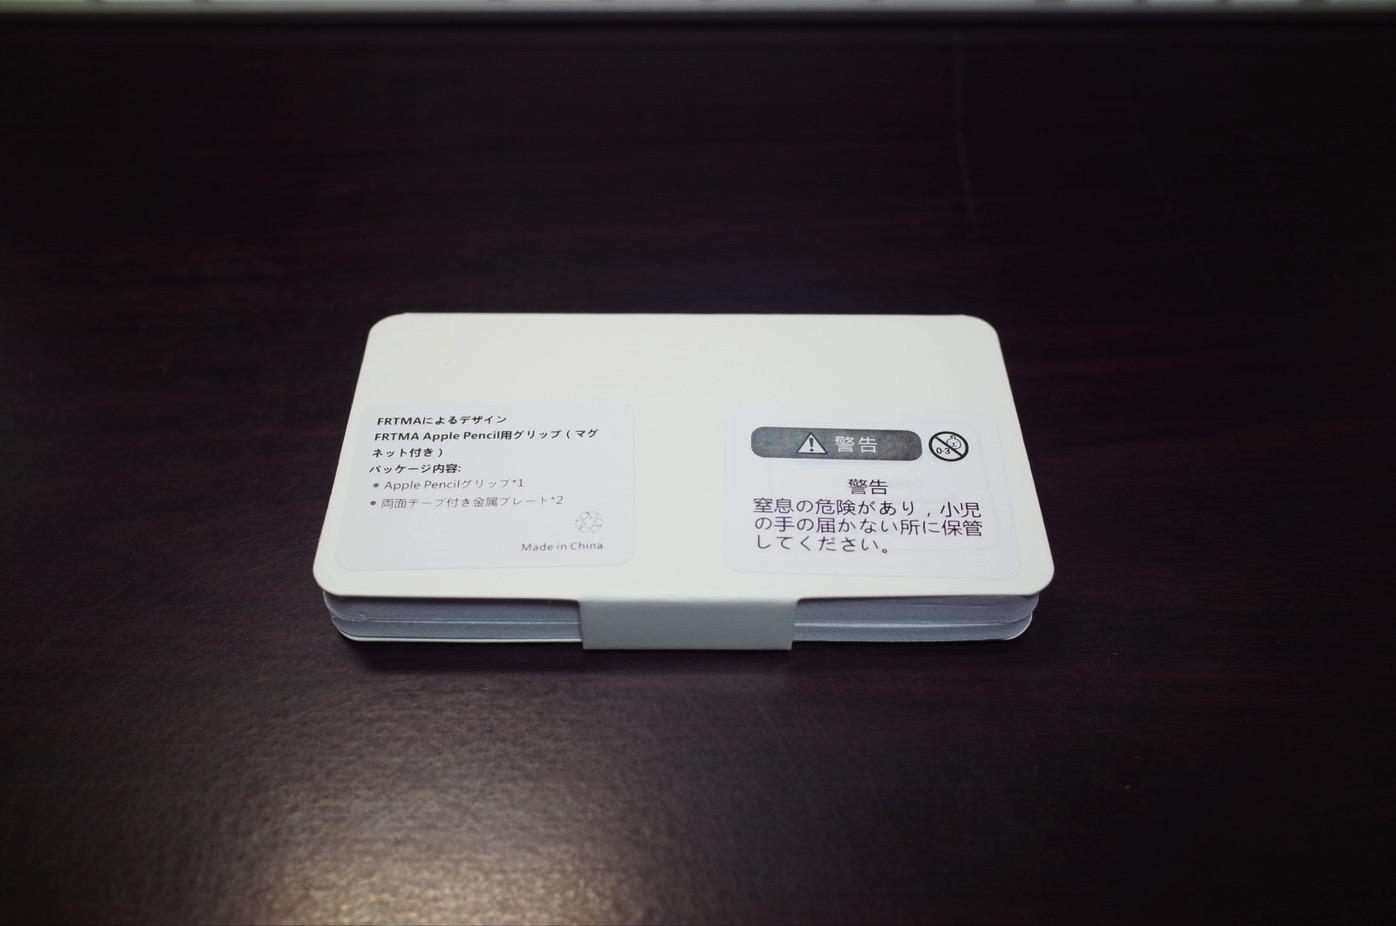 マグネット付きシリコン製 Apple Pencil用グリップ-2